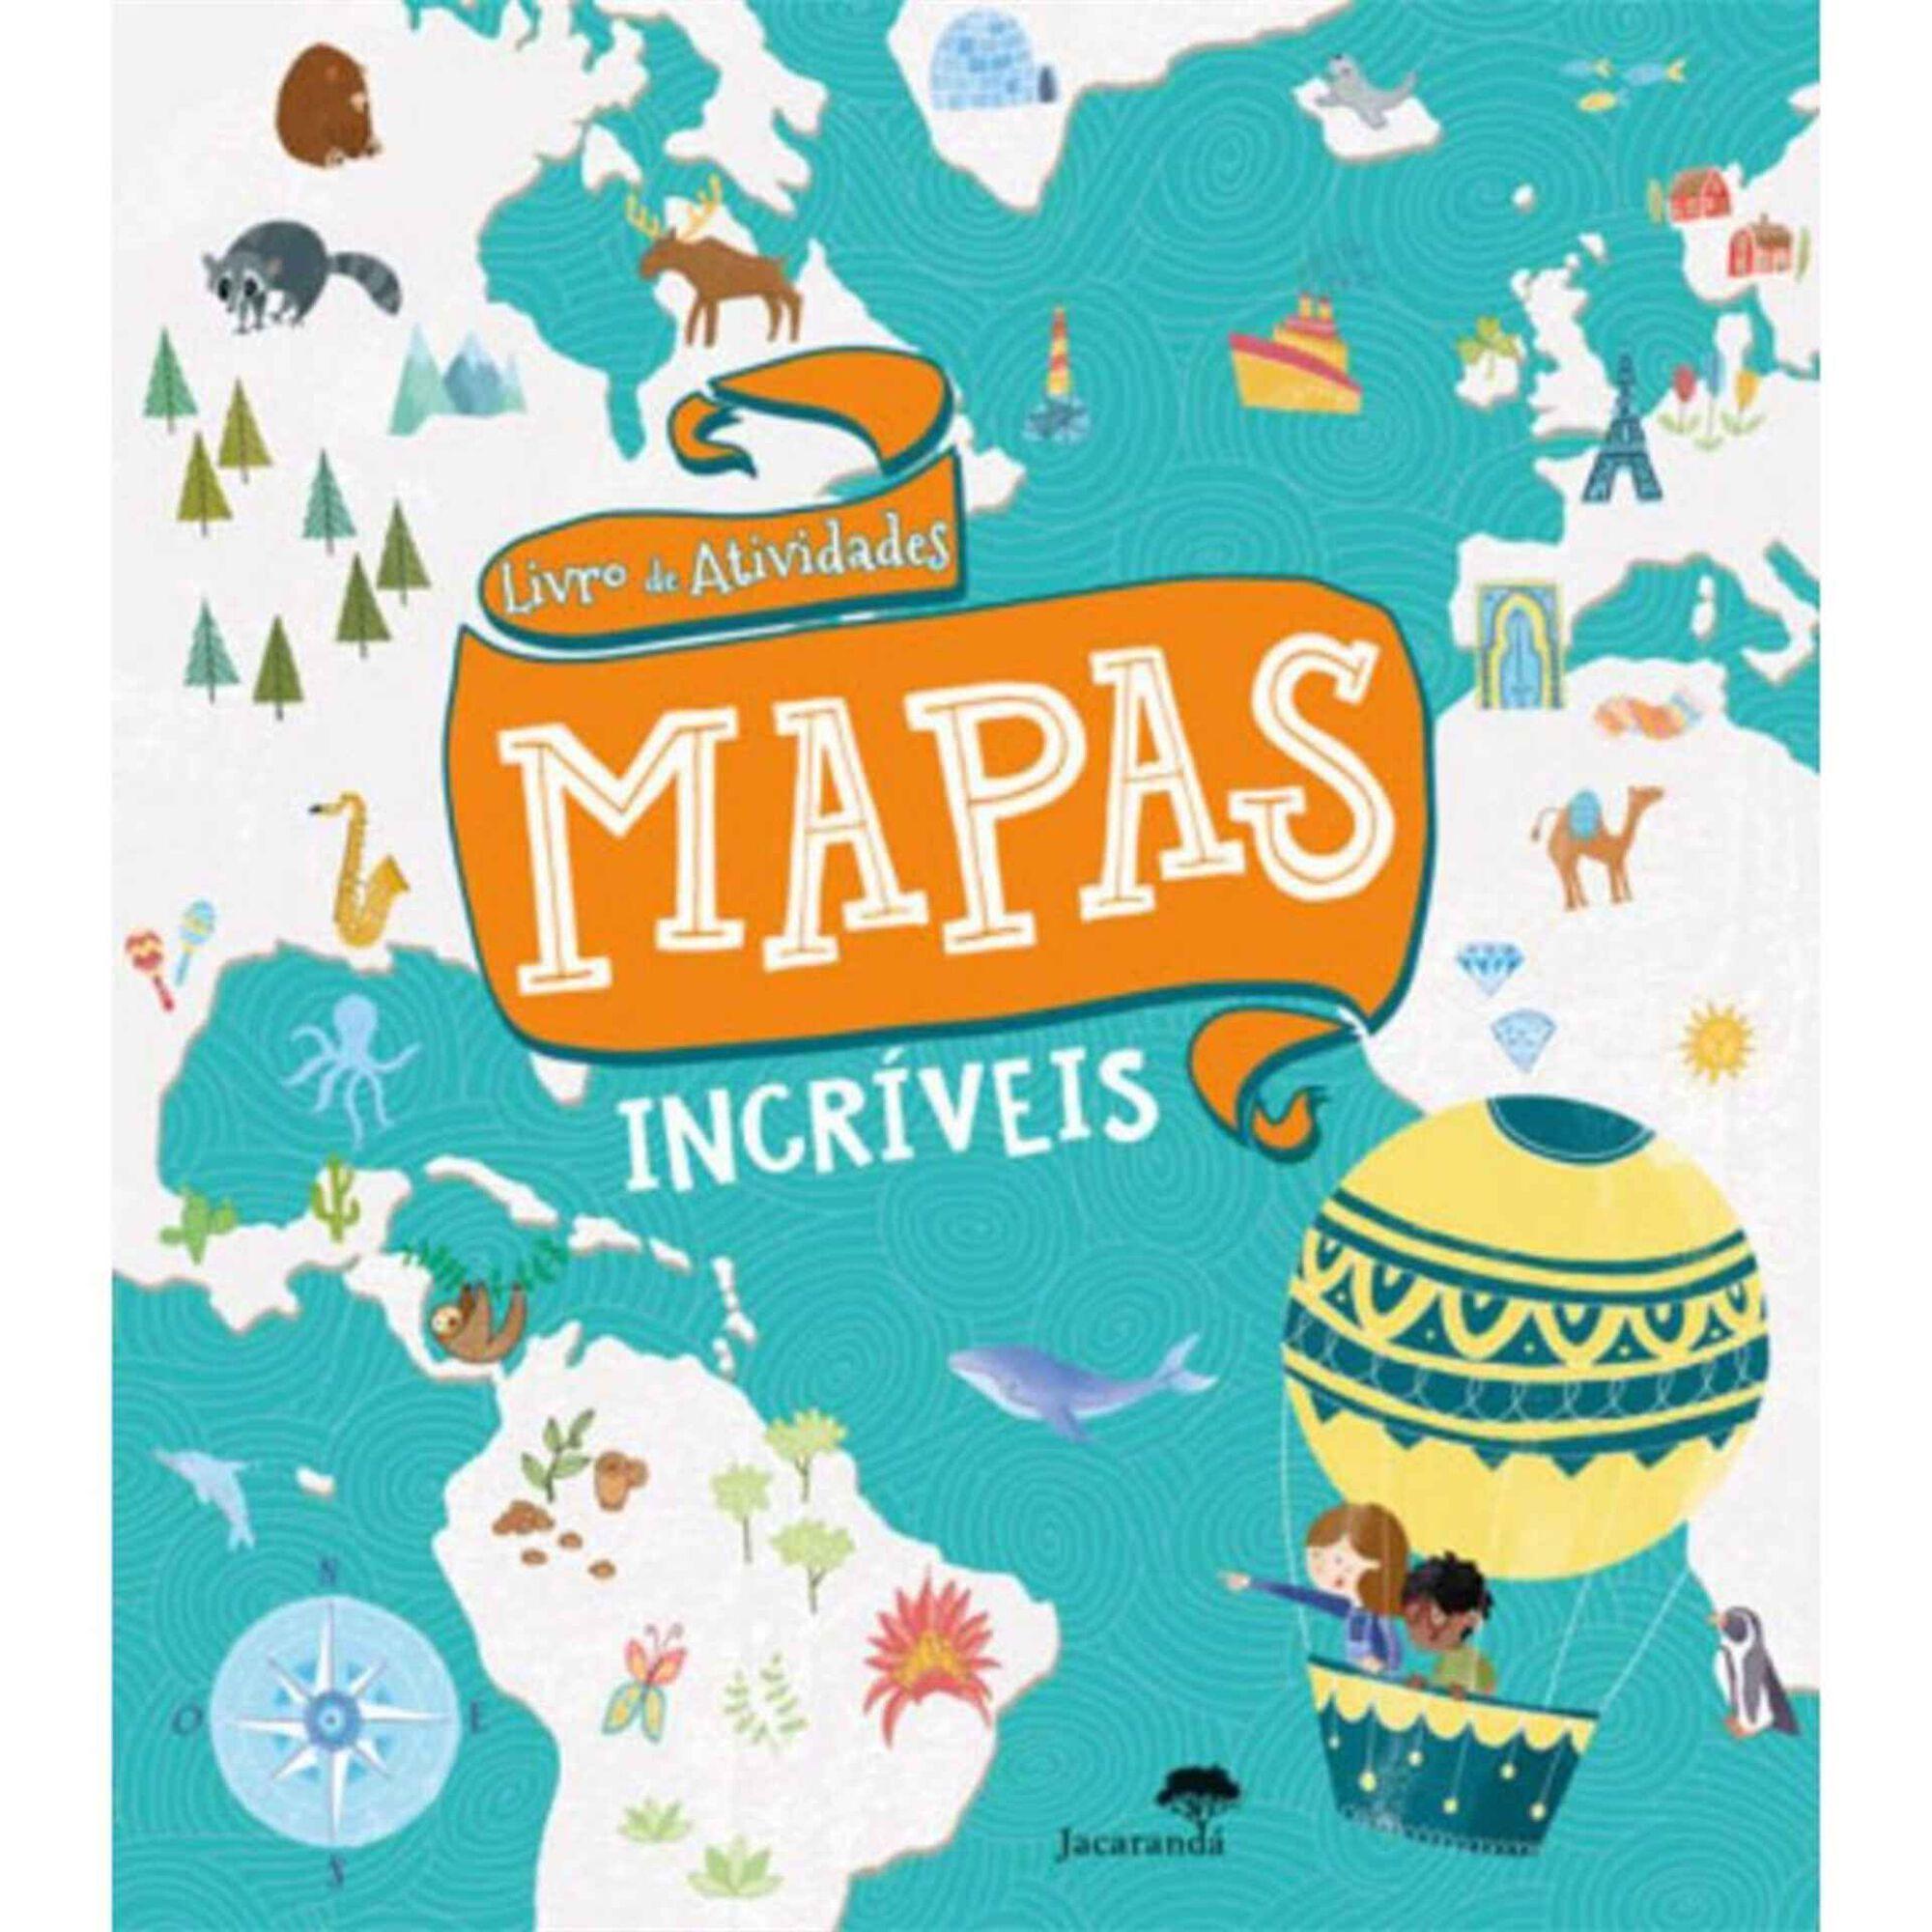 Livro de Atividades - Mapas Incríveis